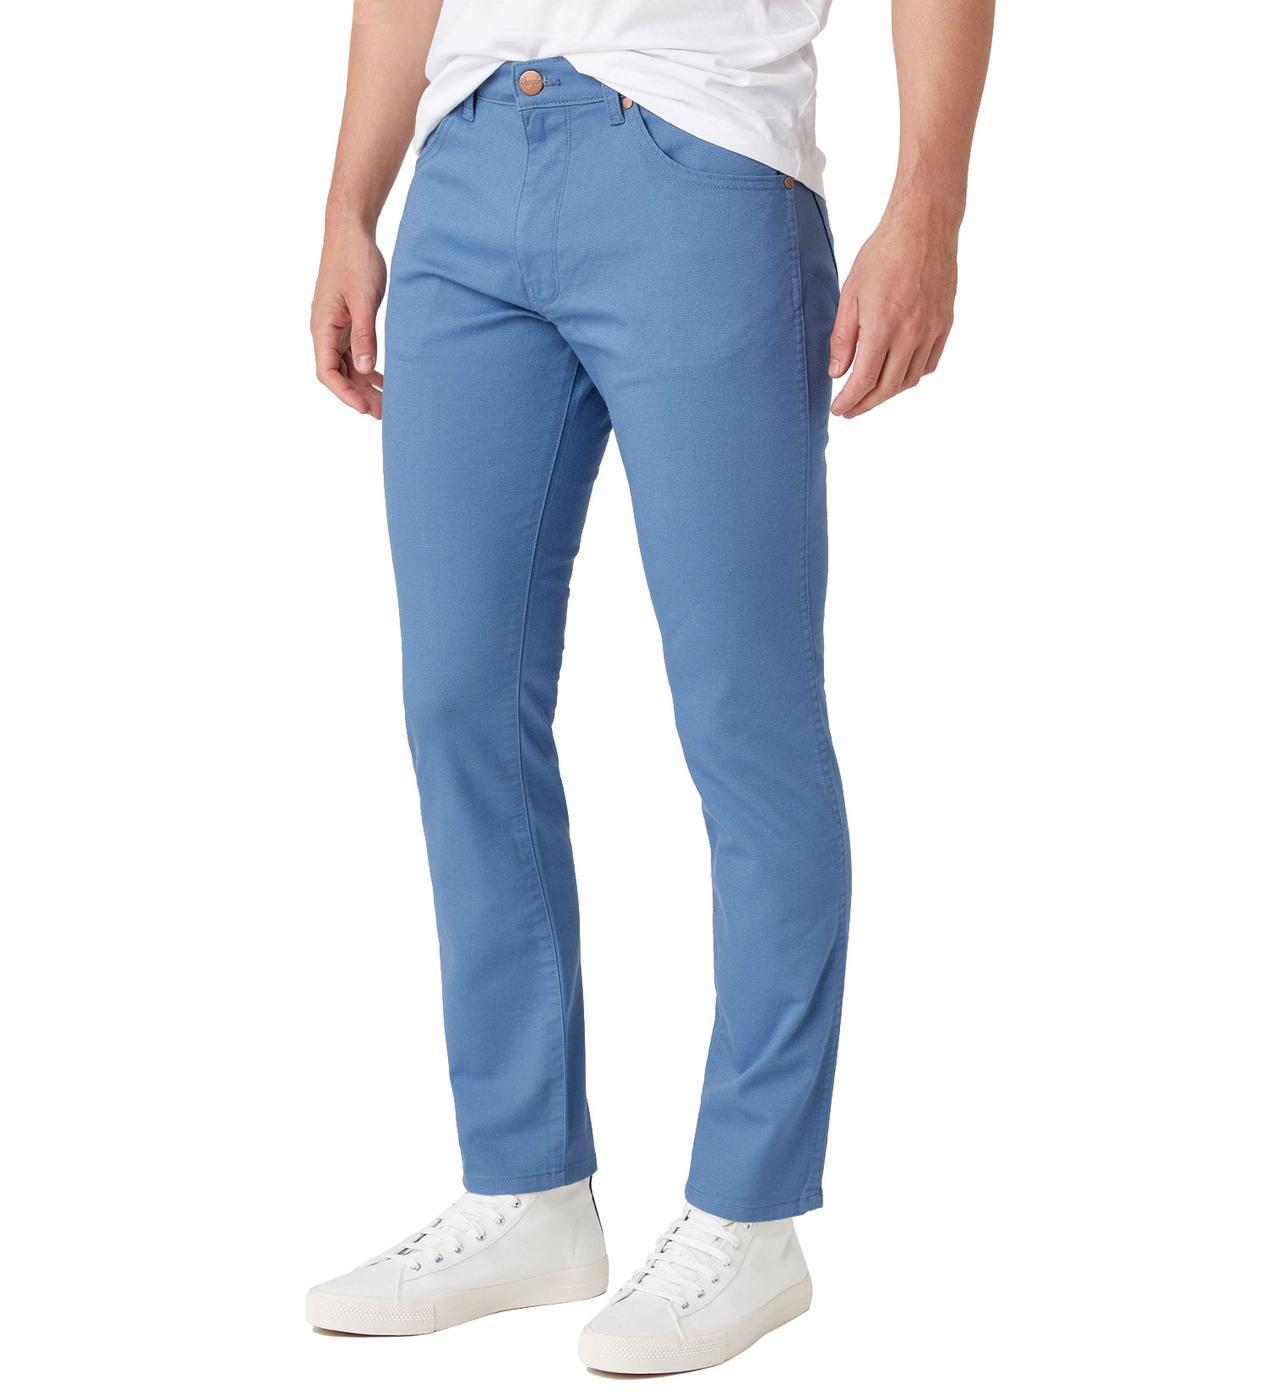 Larston WRANGLER Slim Tapered Non-Denim Jeans CB